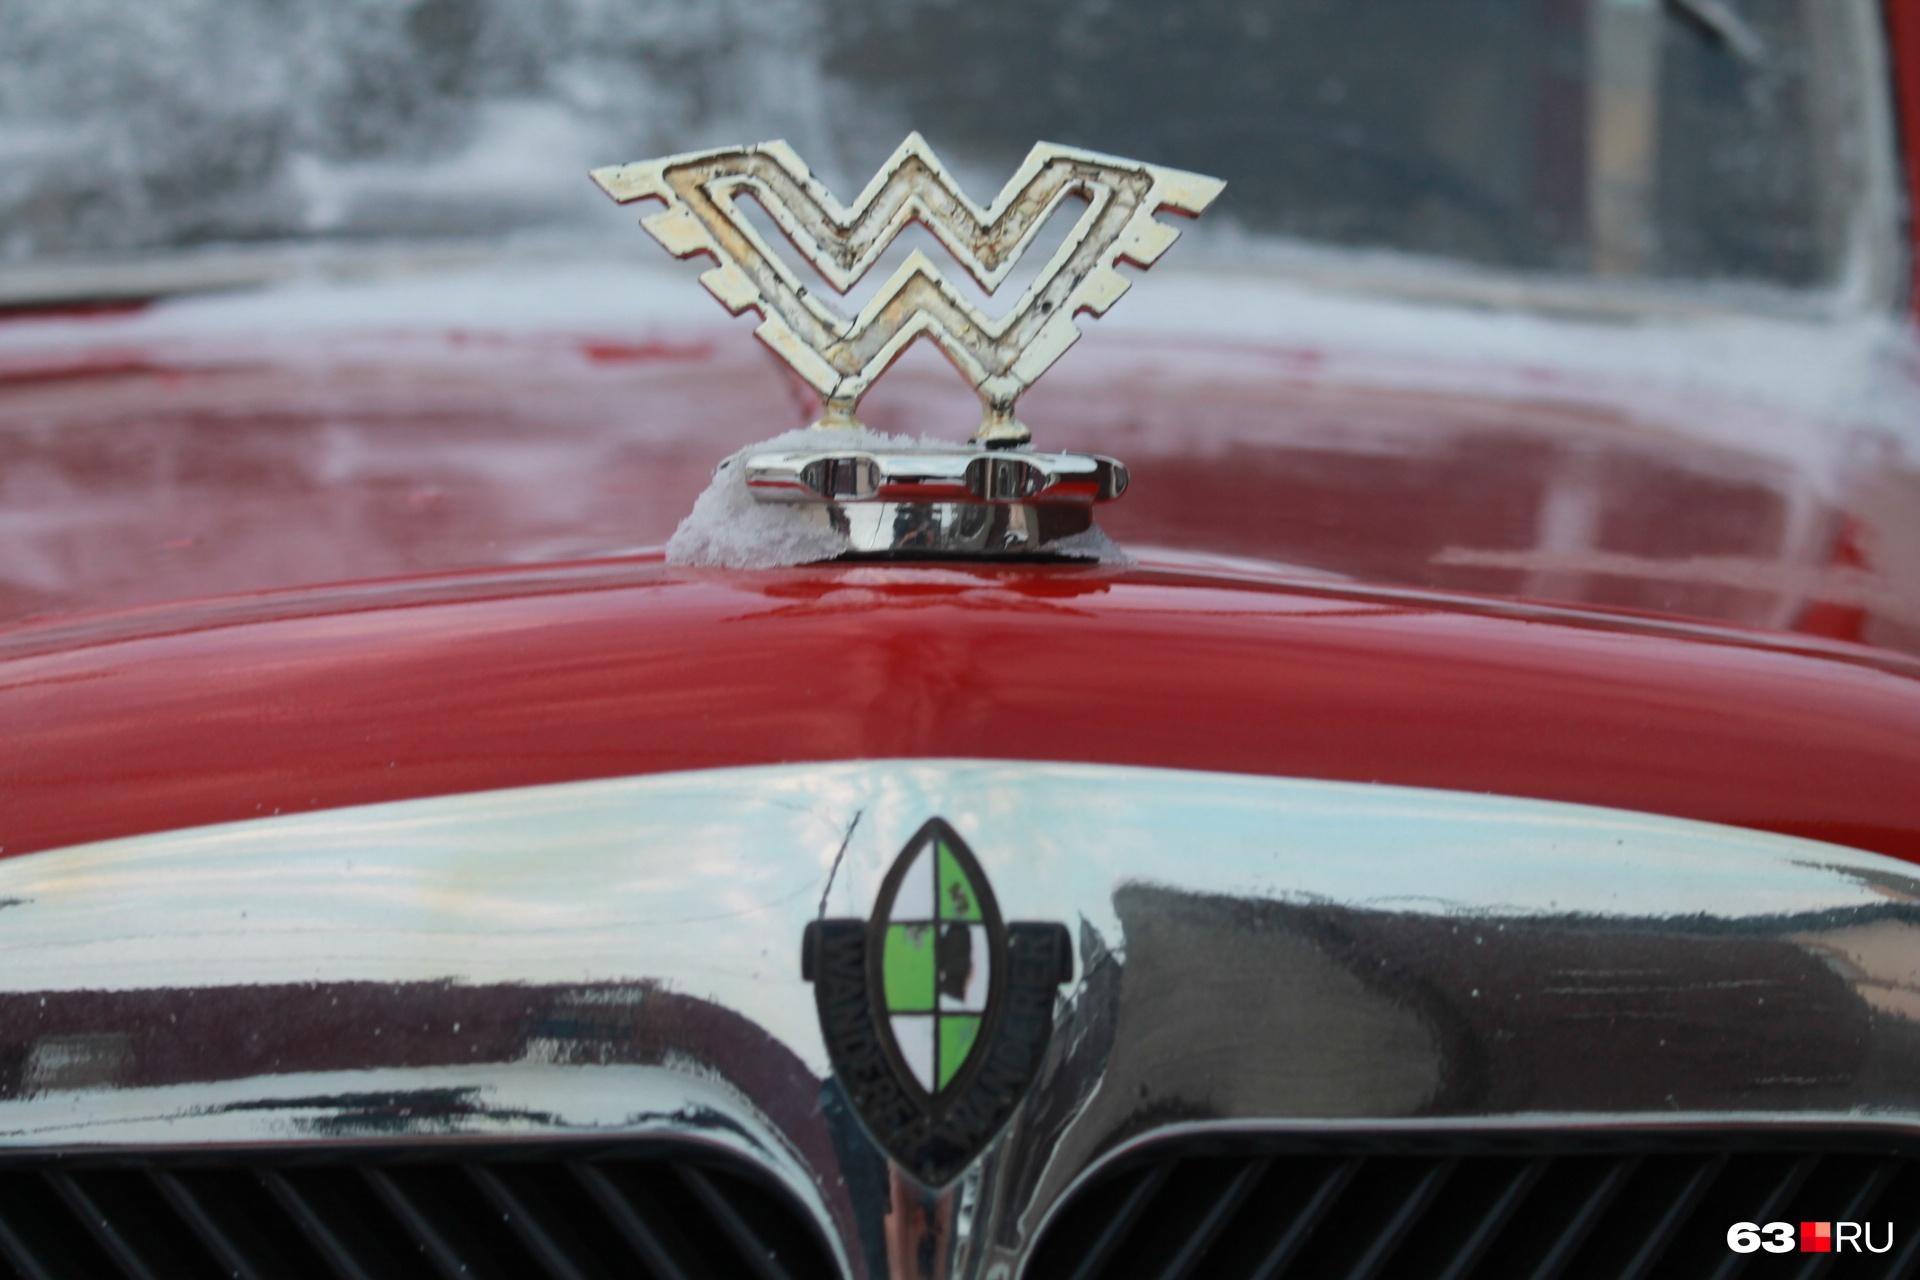 Фирменный знак немецкого автопроизводителя